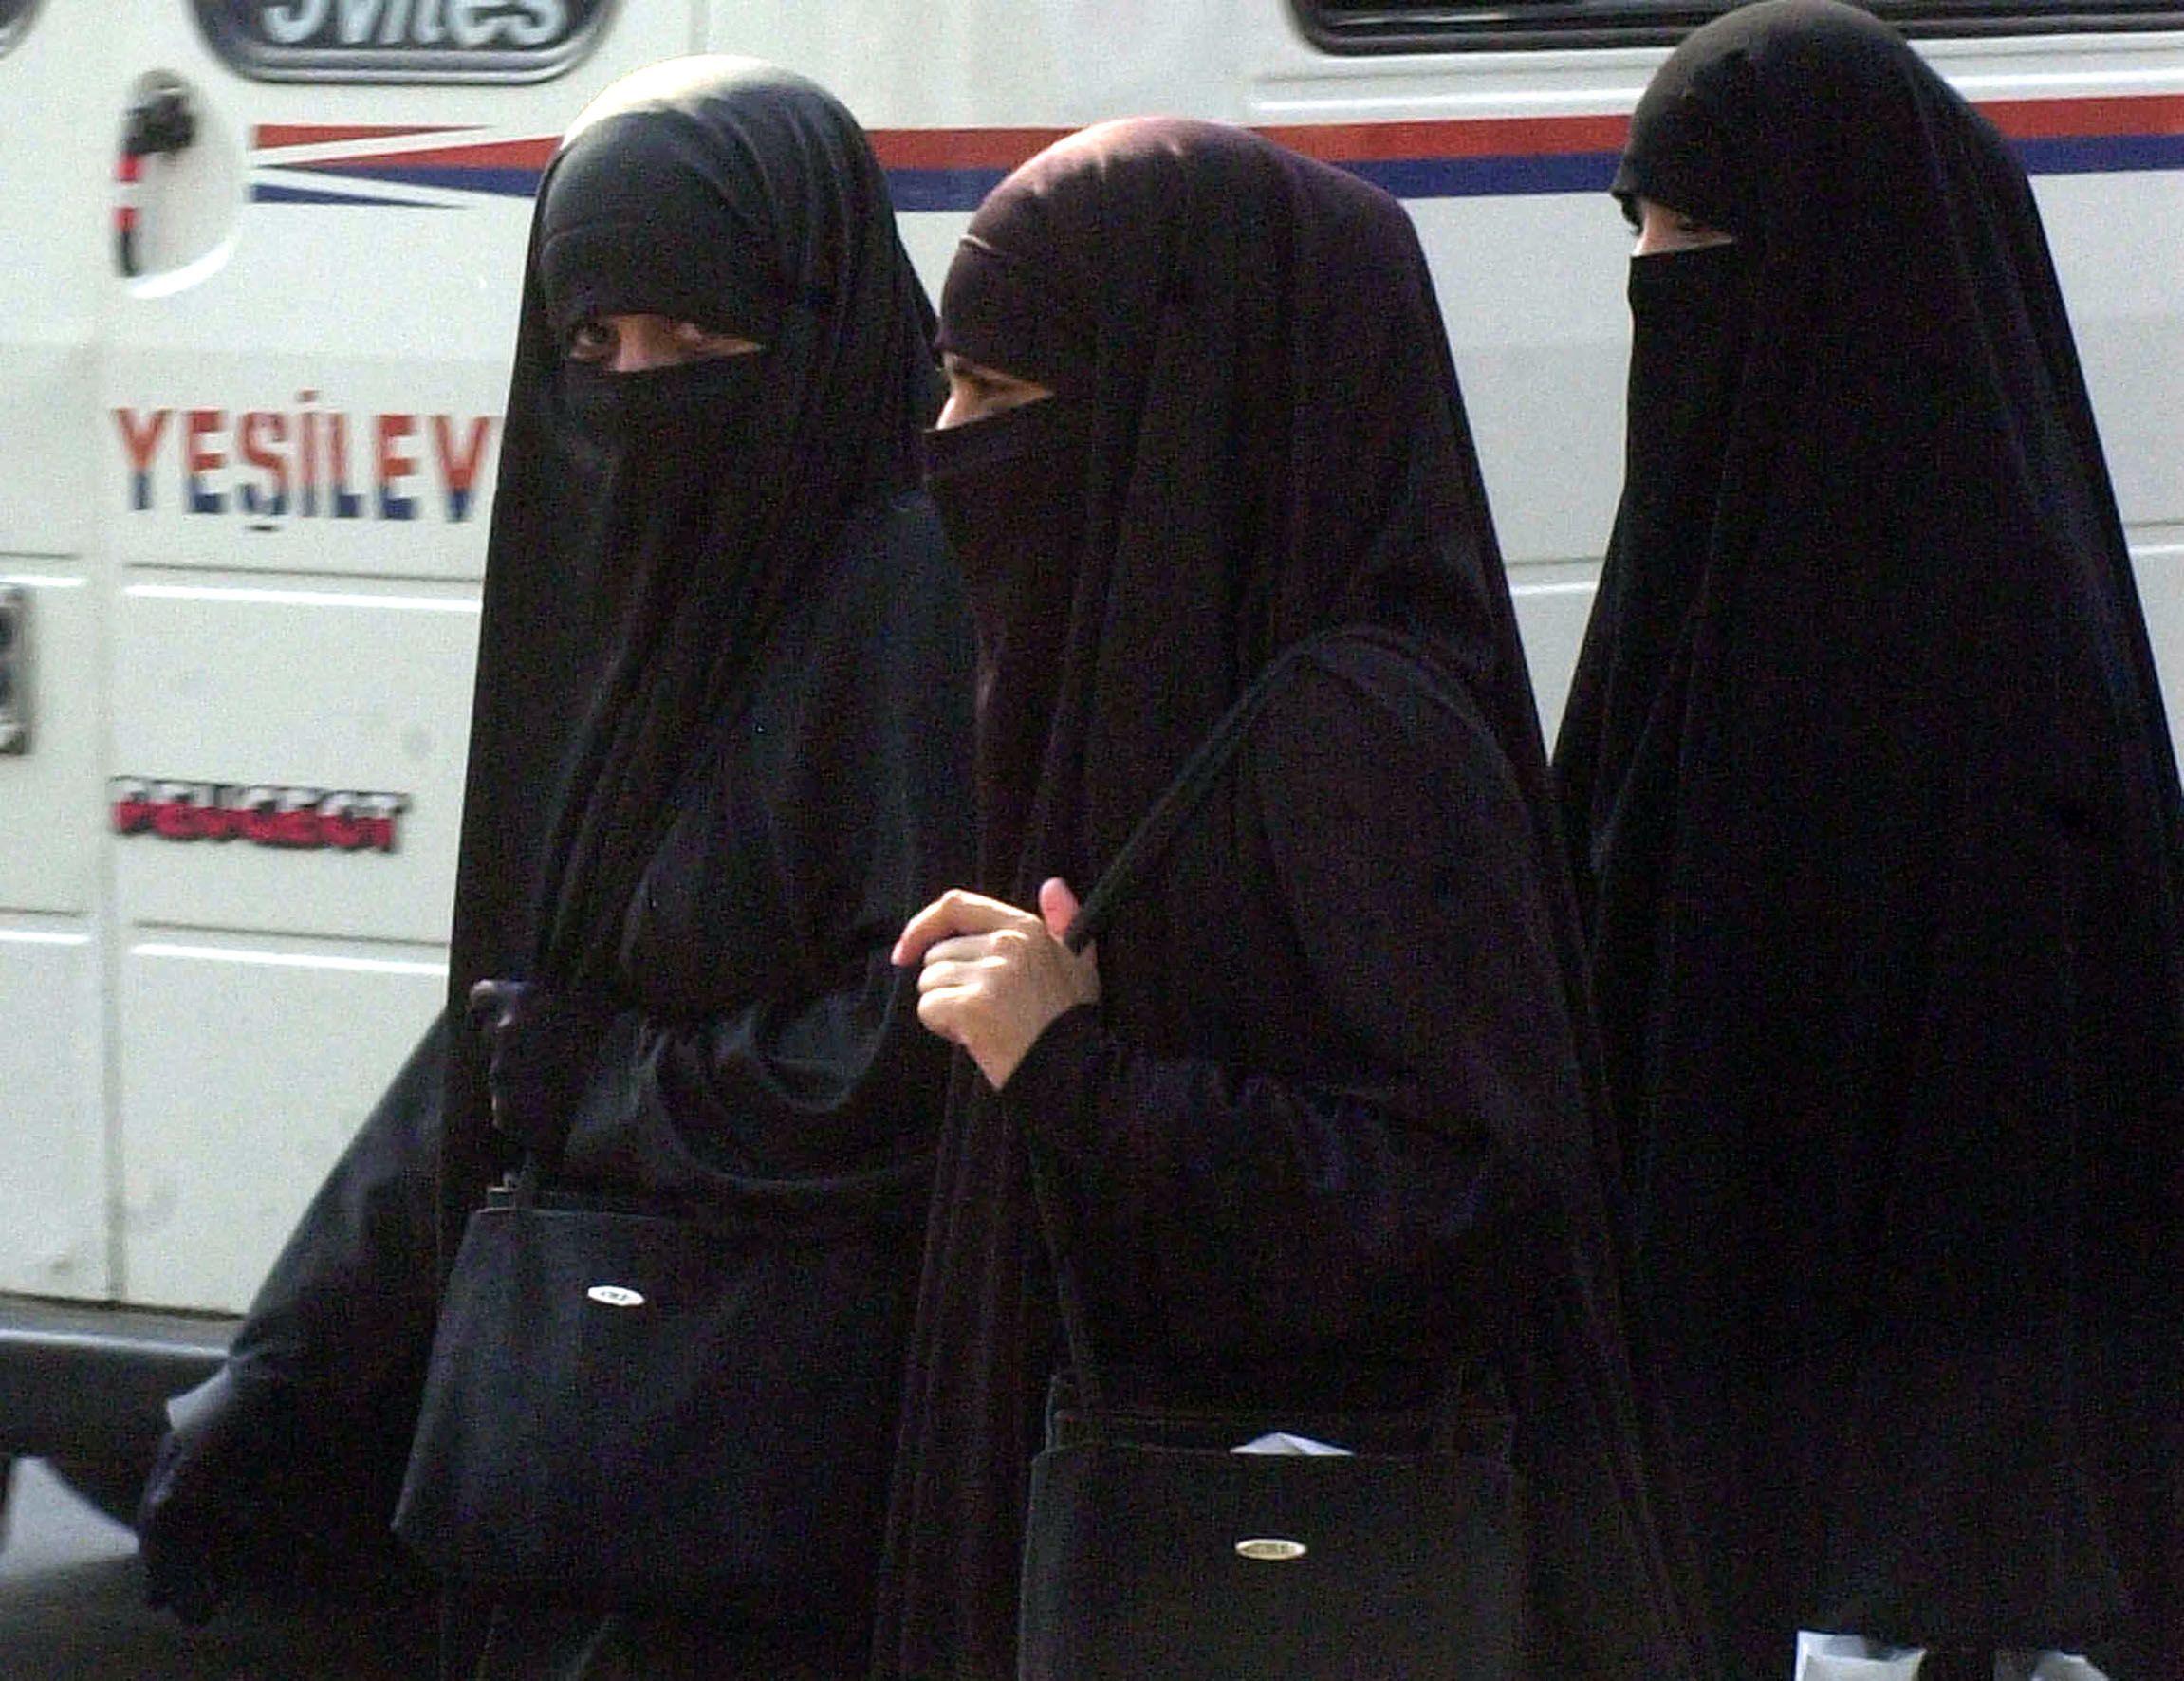 Donne che guidano in Arabia Saudita? 'Sono prede del demonio'